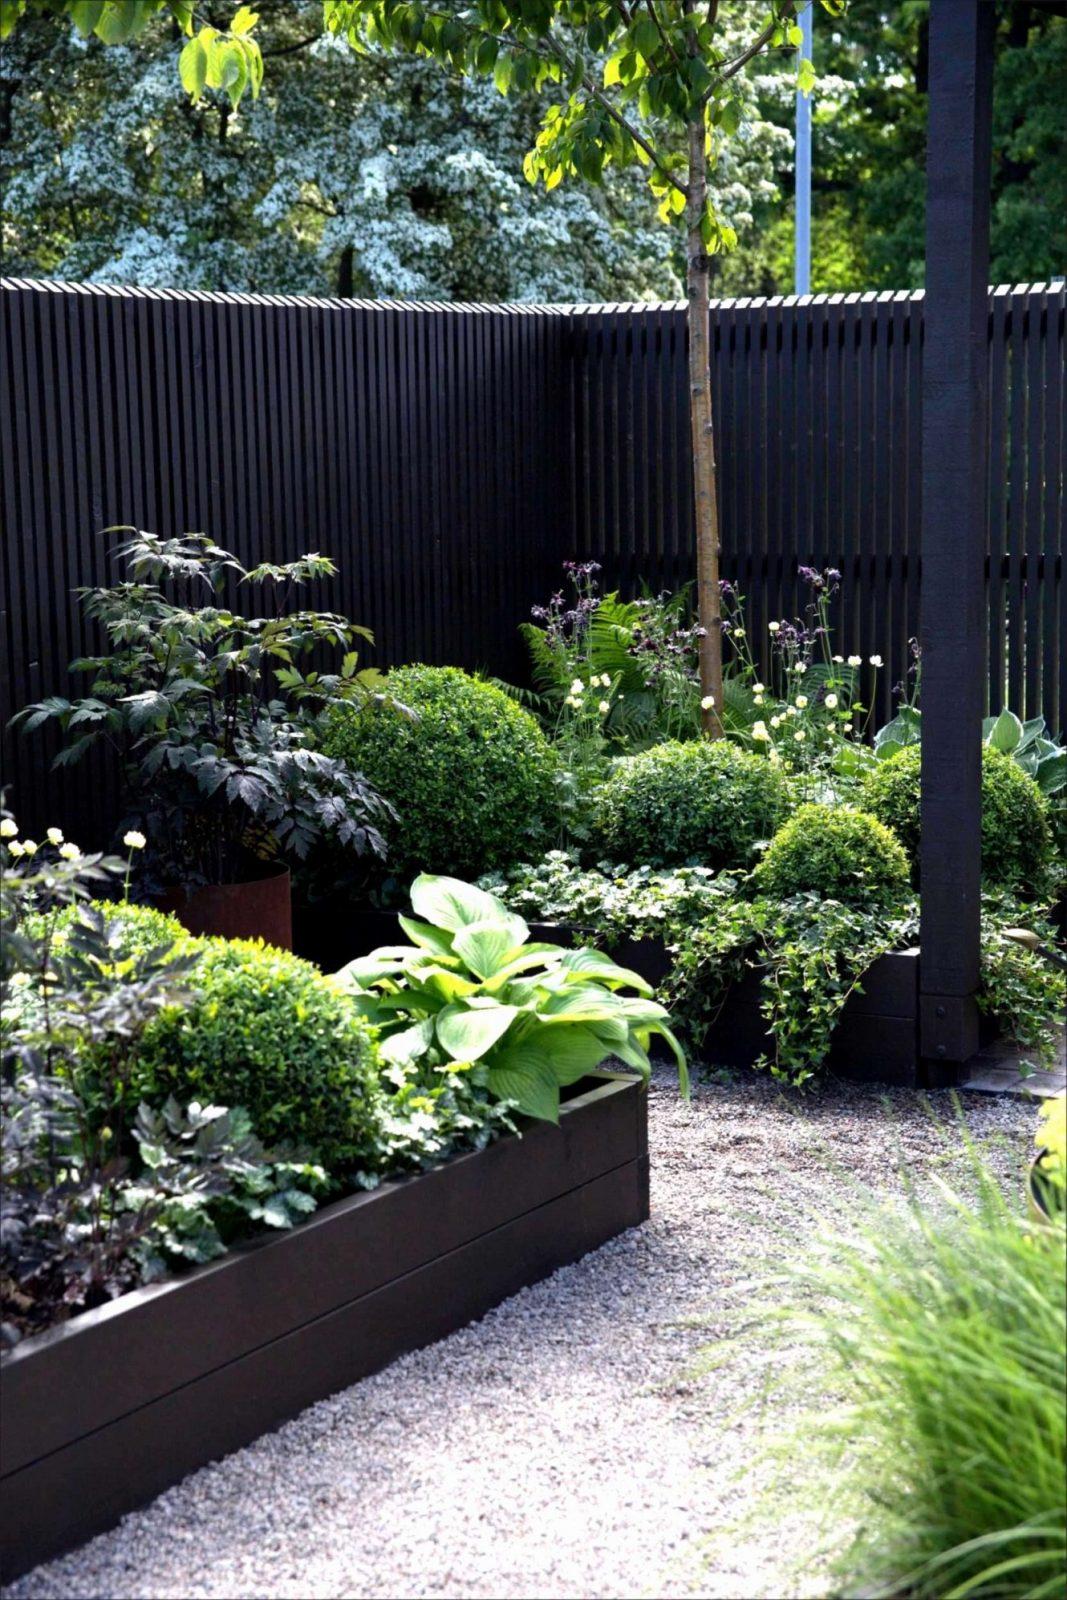 Wasserfall Im Garten Selber Bauen Elegant Wasserfall Im Garten von Steinmauern Im Garten Selber Bauen Photo